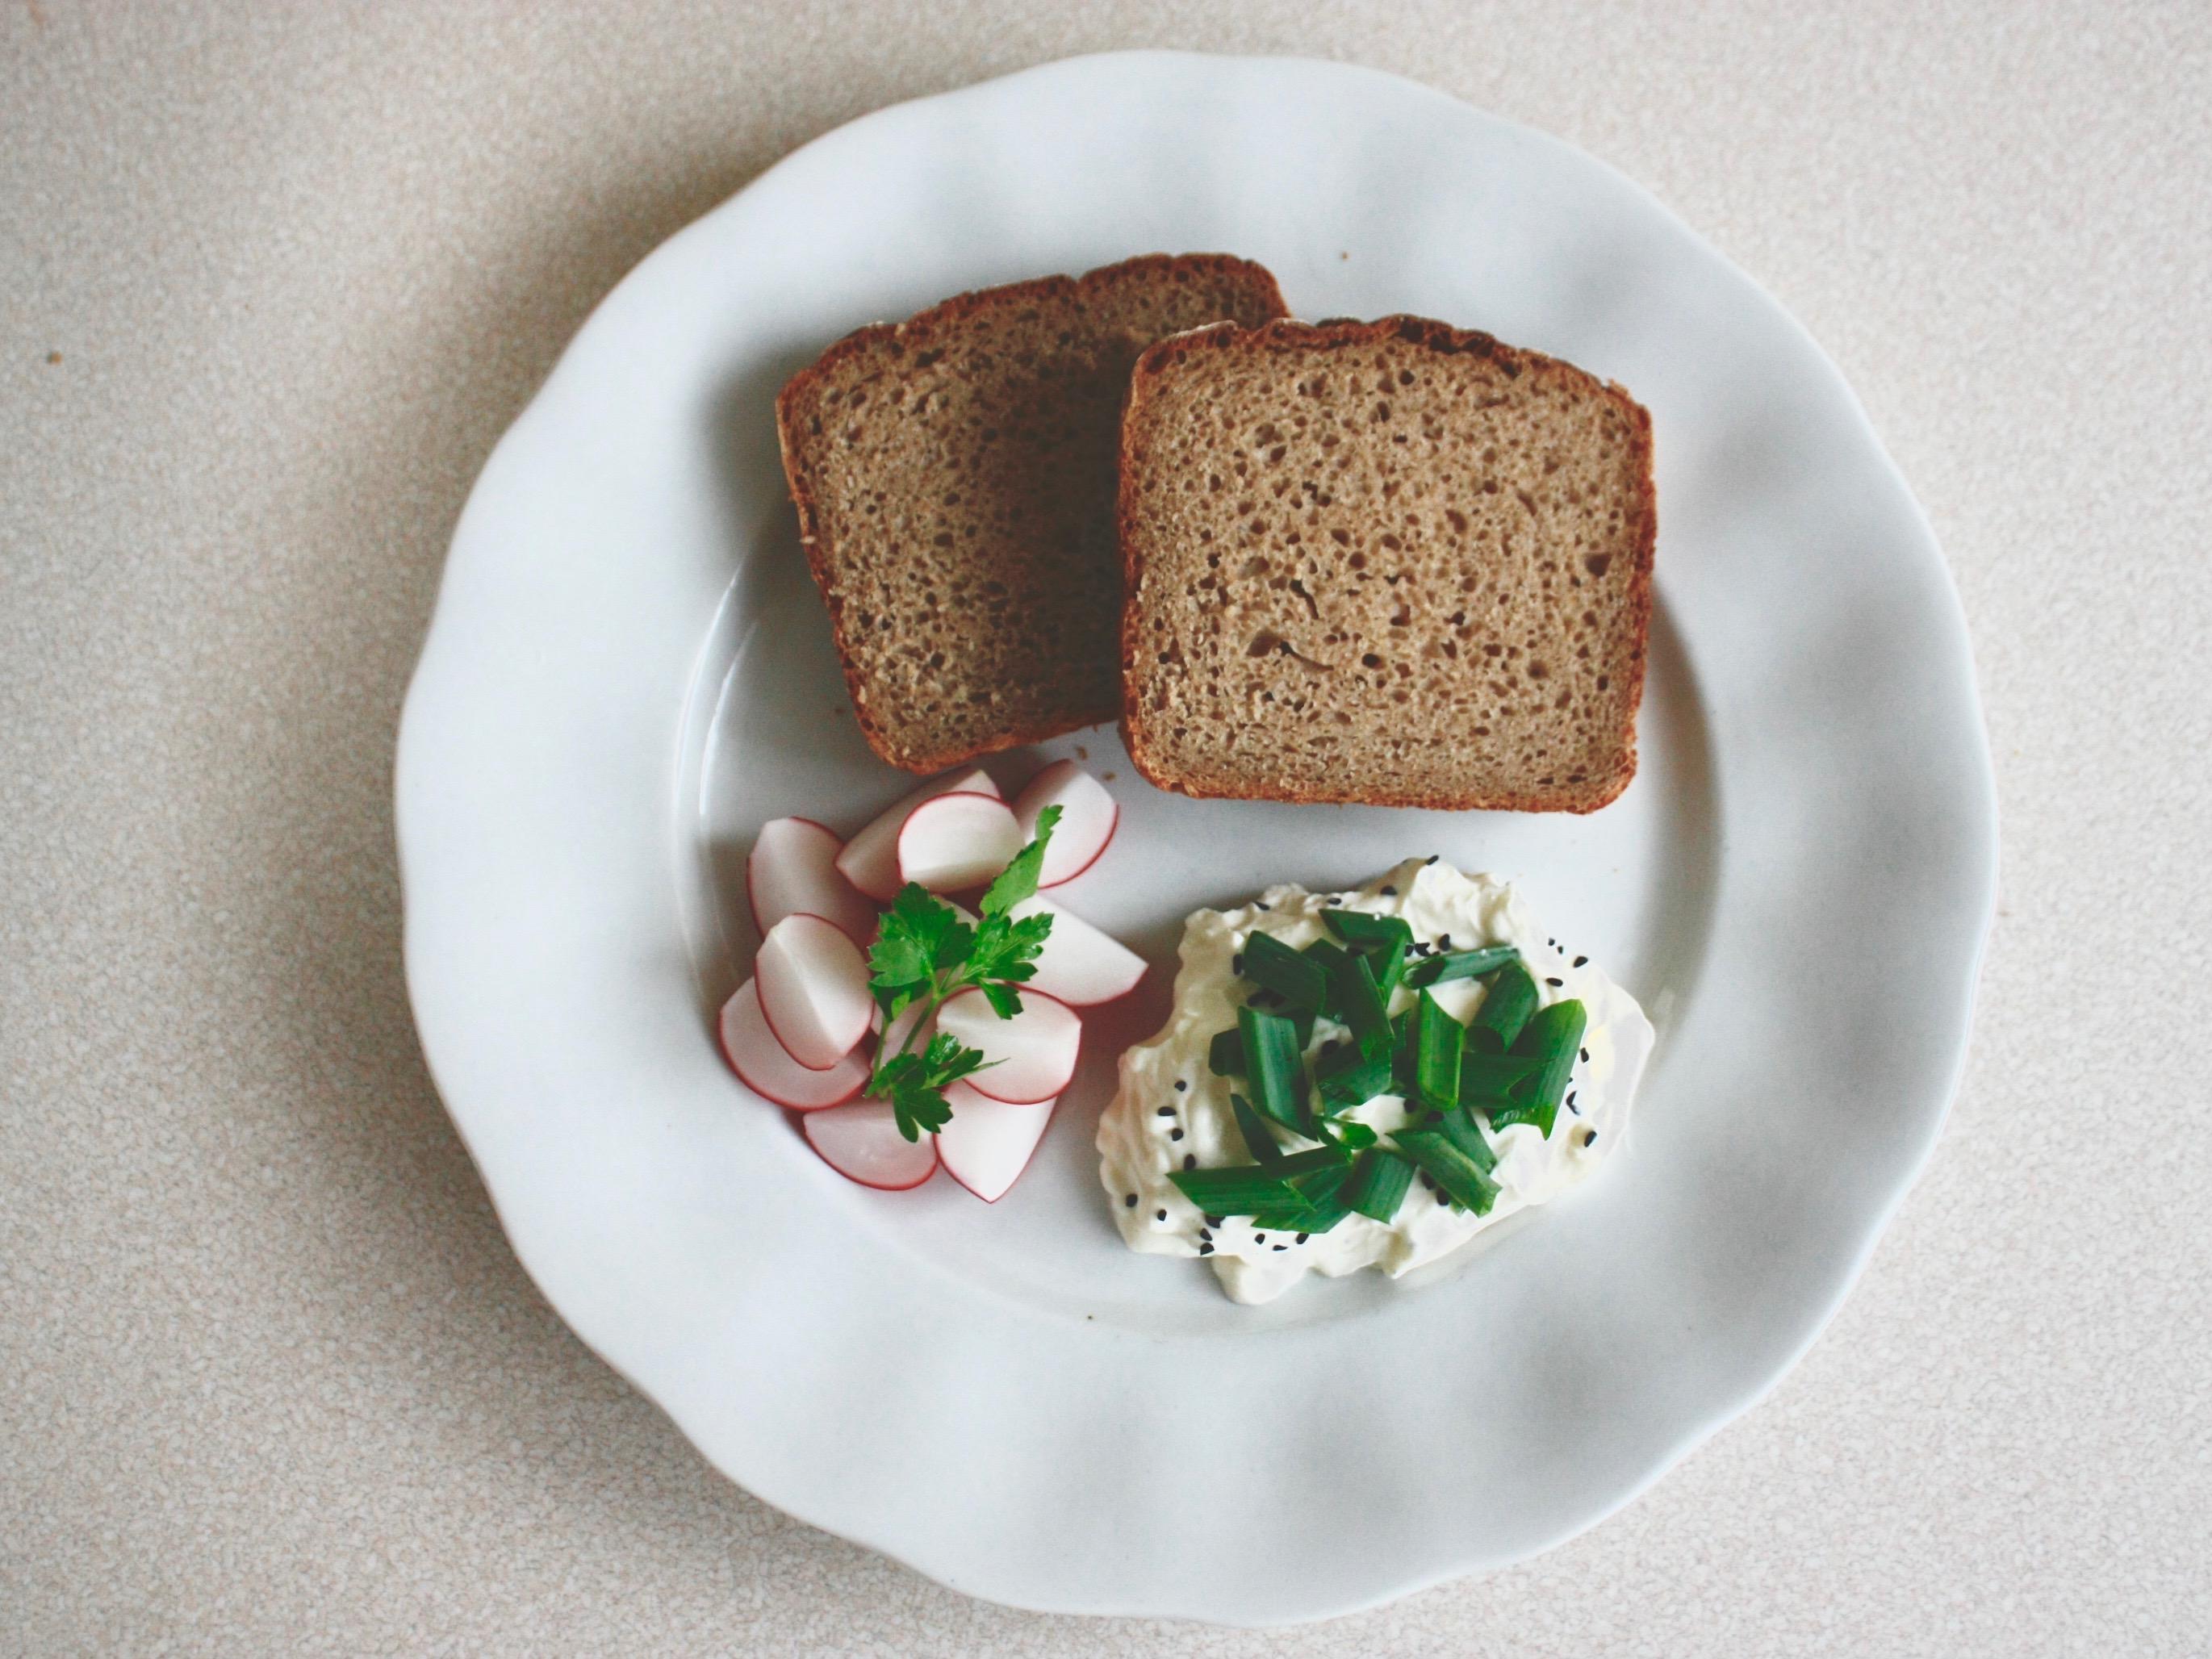 ŚNIADANIE - chleb żytni z twarogiem, szczypiorkiem i rzodkiewką